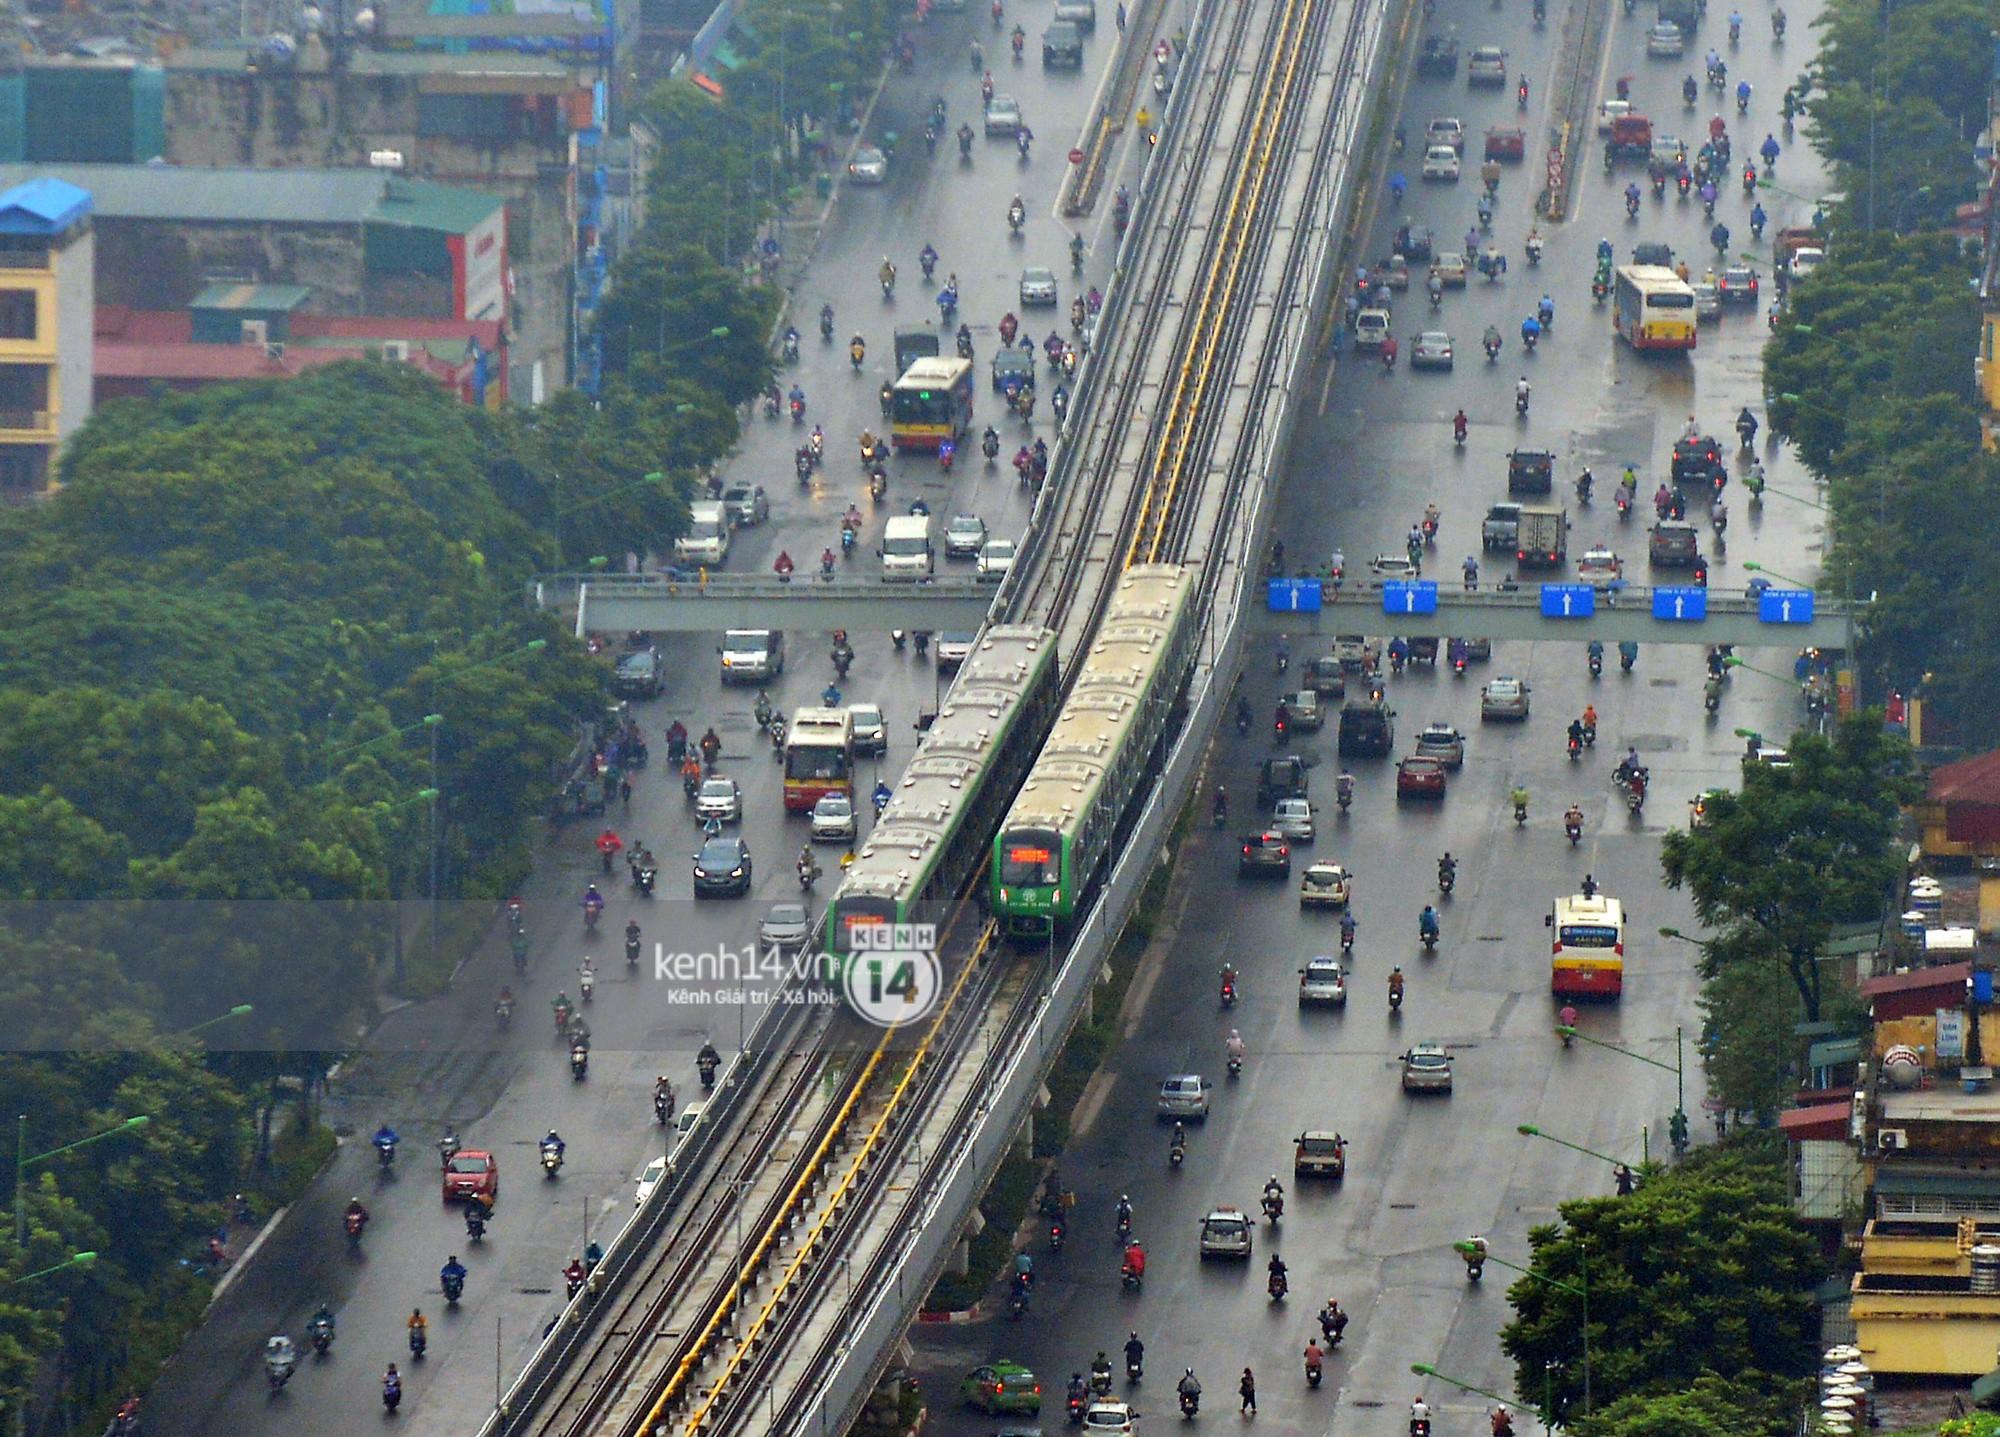 Ảnh, clip: 4 đoàn tàu đường sắt trên cao bất ngờ di chuyển trong mưa trước ngày chạy thử - Ảnh 6.